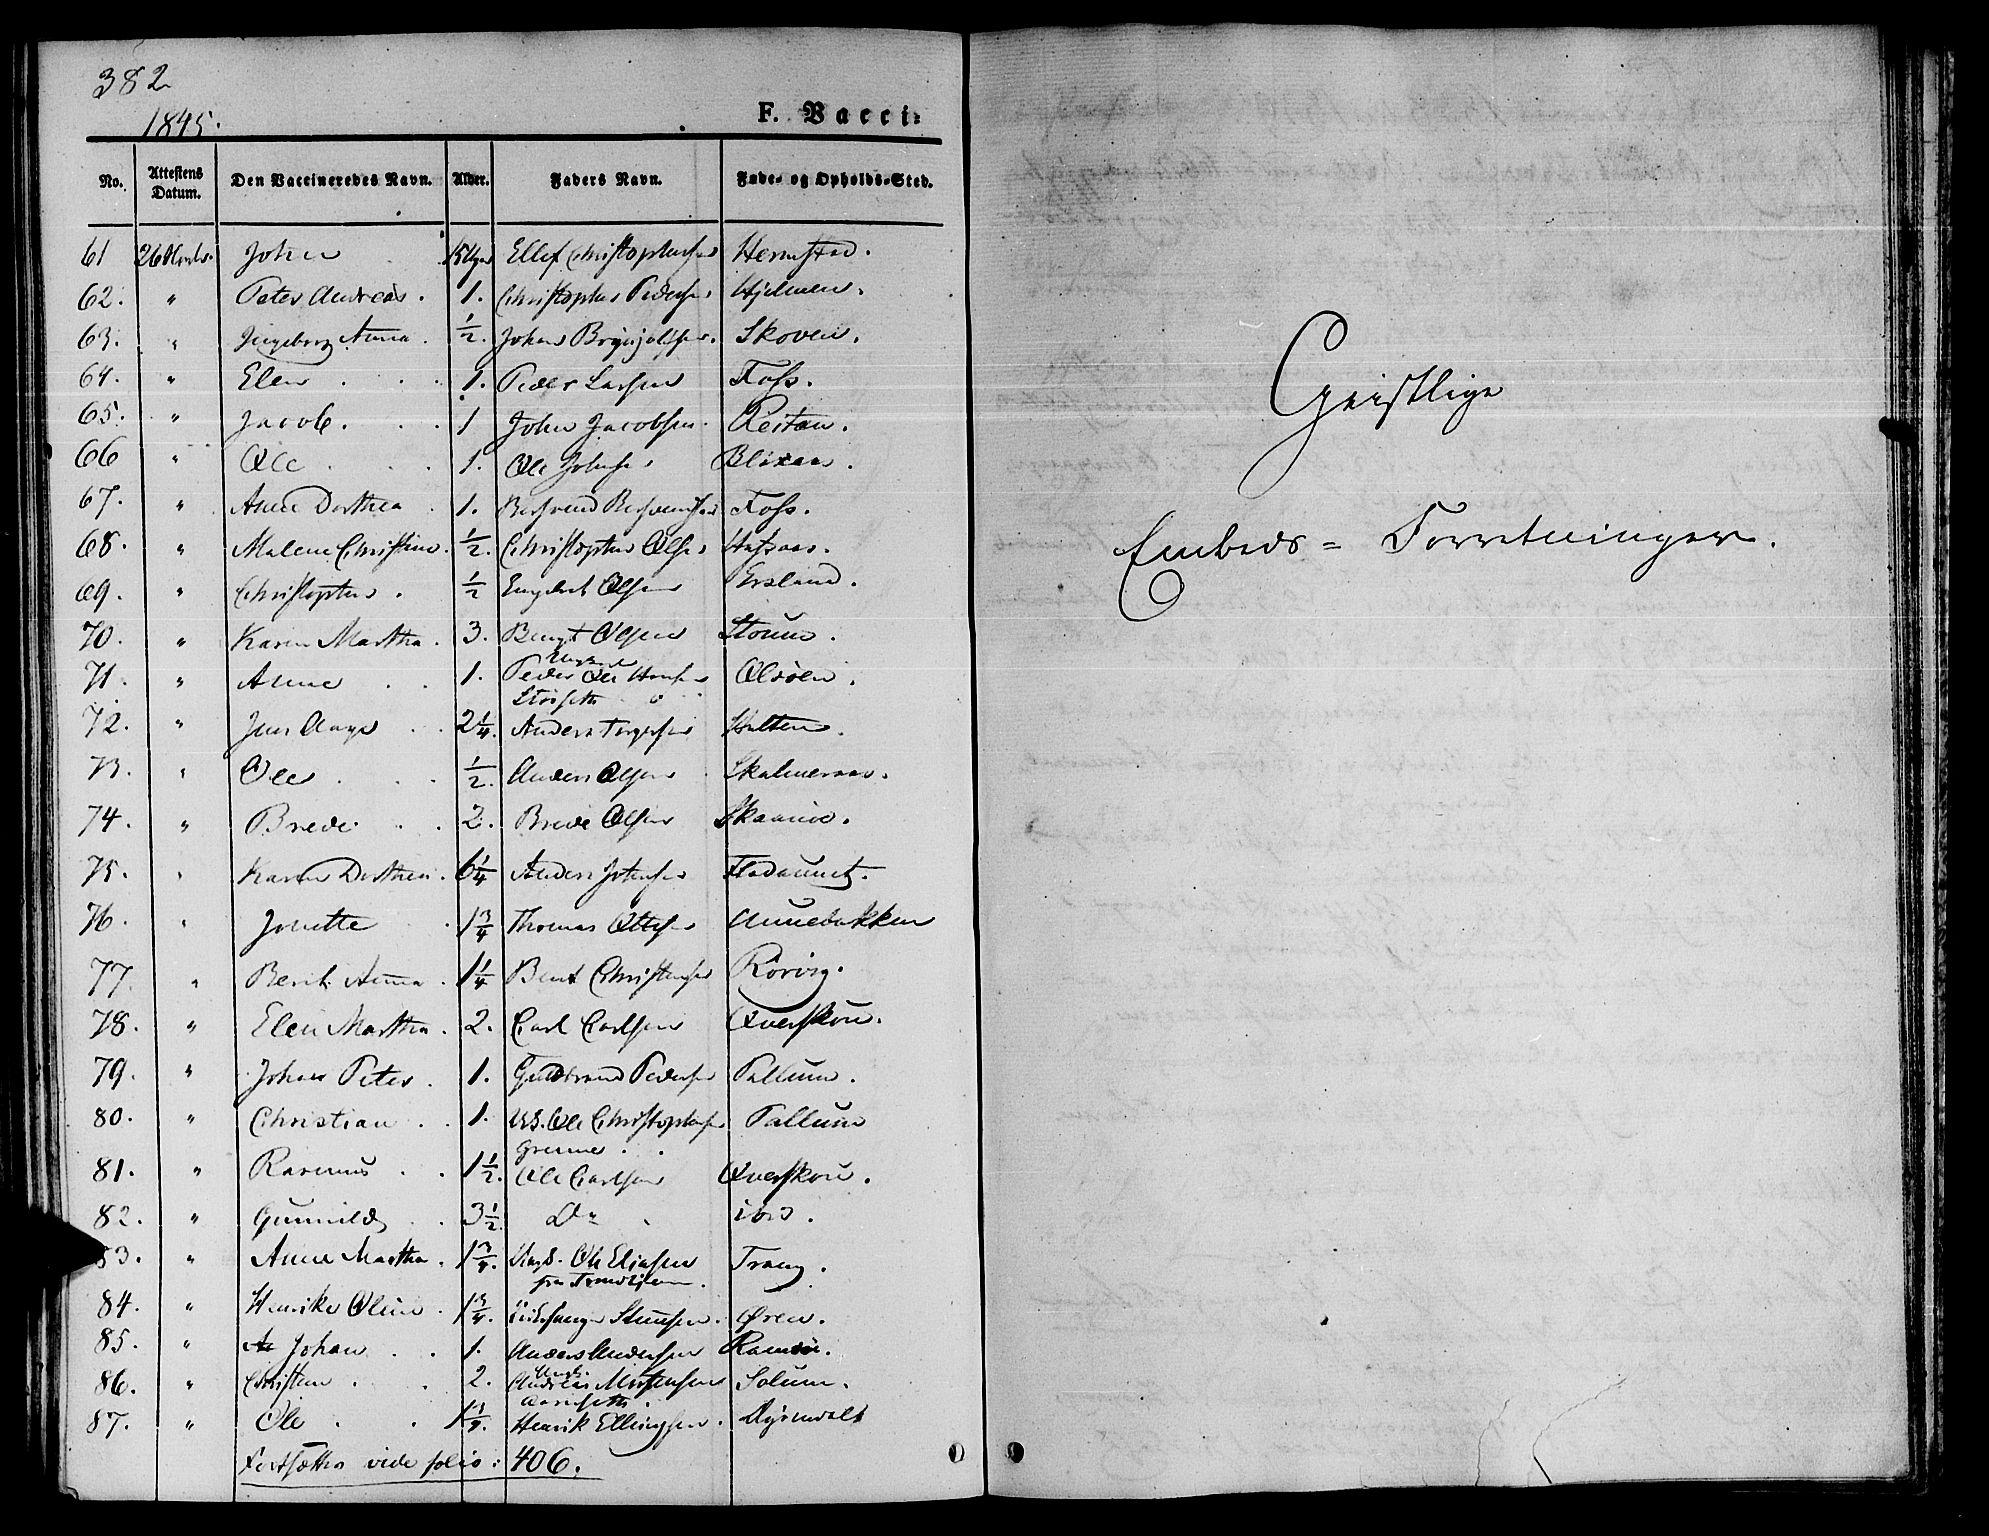 SAT, Ministerialprotokoller, klokkerbøker og fødselsregistre - Sør-Trøndelag, 646/L0610: Ministerialbok nr. 646A08, 1837-1847, s. 382